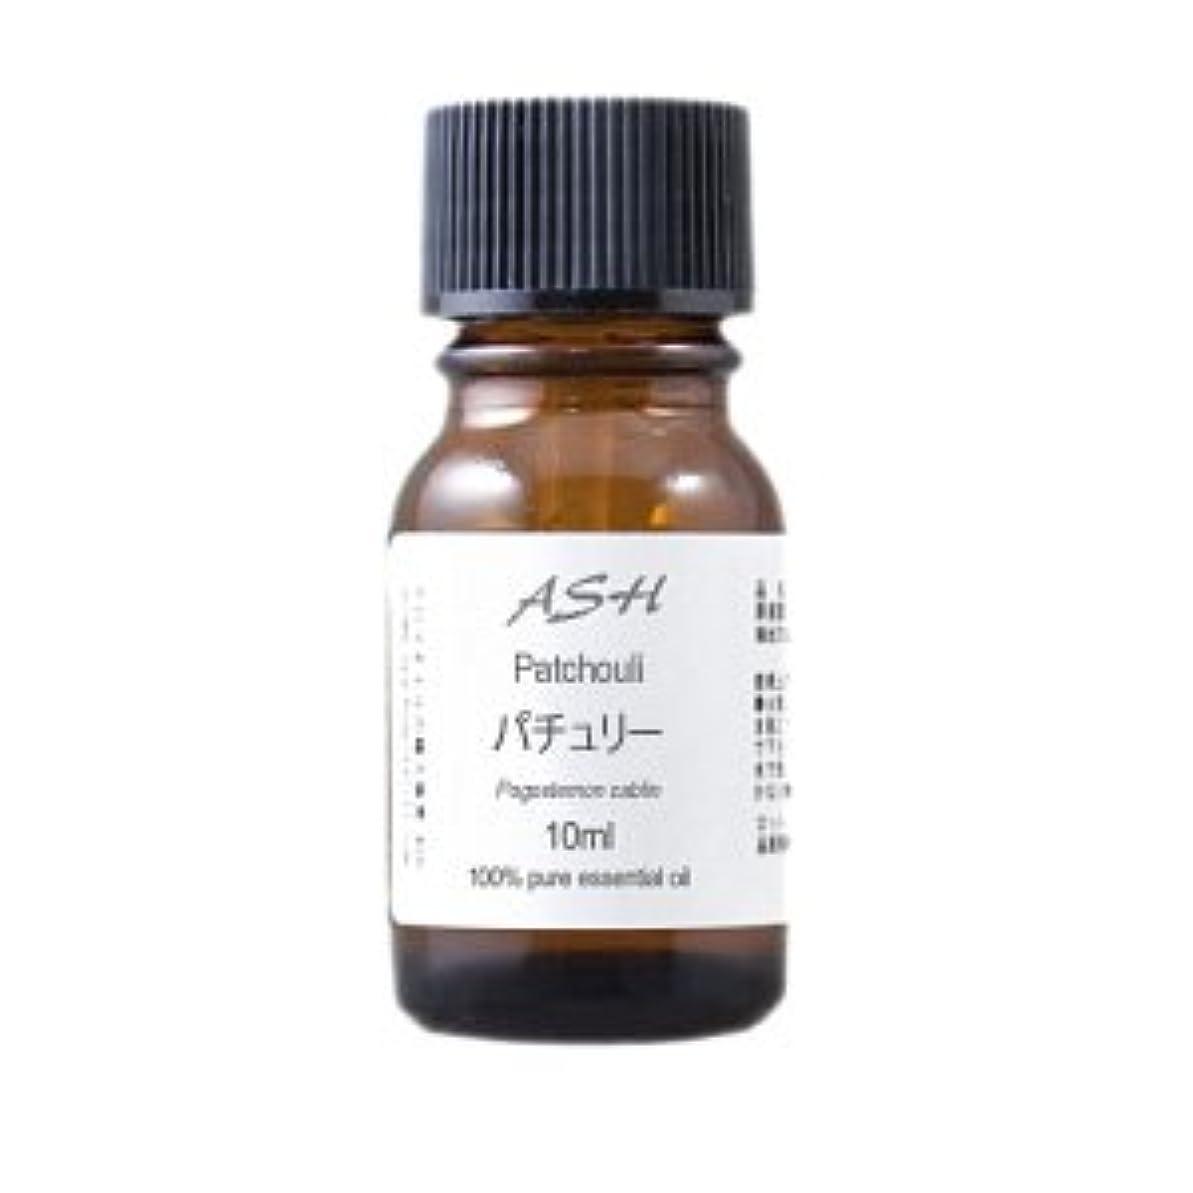 スタウトエールギャンブルASH パチュリー エッセンシャルオイル 10ml AEAJ表示基準適合認定精油